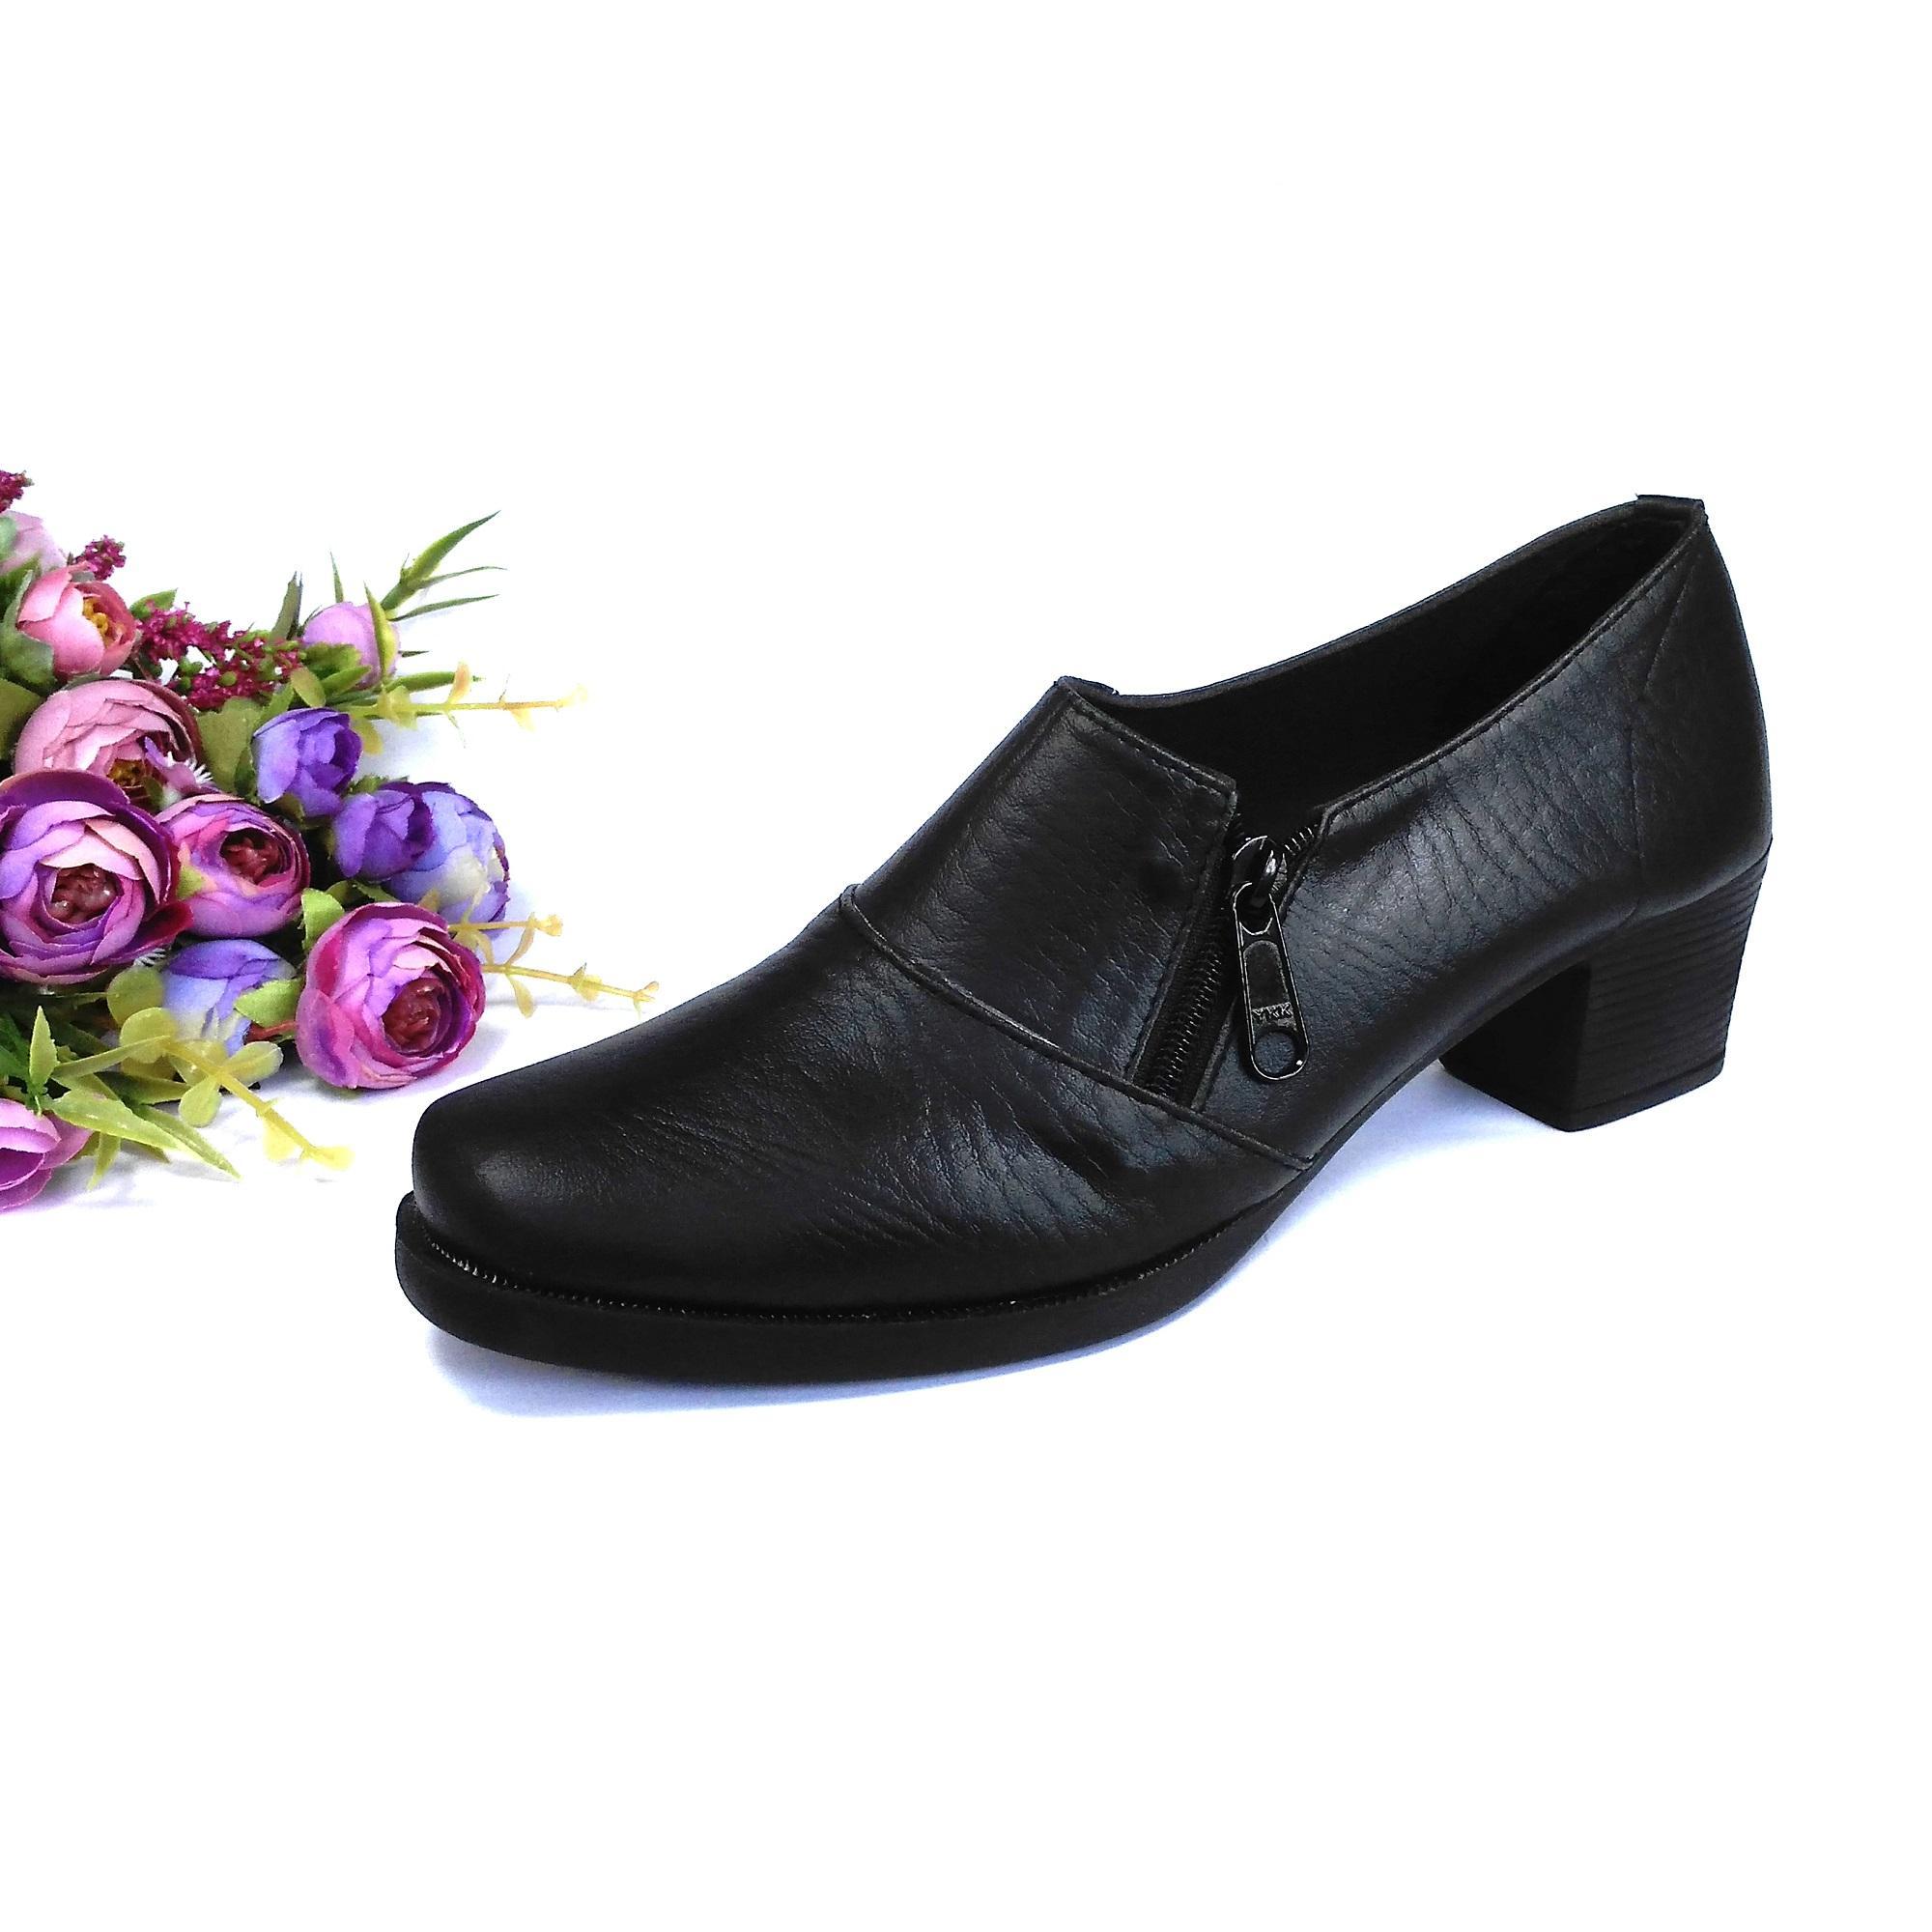 HQo Sepatu Pantofel Wanita   Sepatu Boot Wanita   Sepatu Pantofel Paskibra  Wanita Bertali   Sepatu. Ke Toko b3d73fccb0